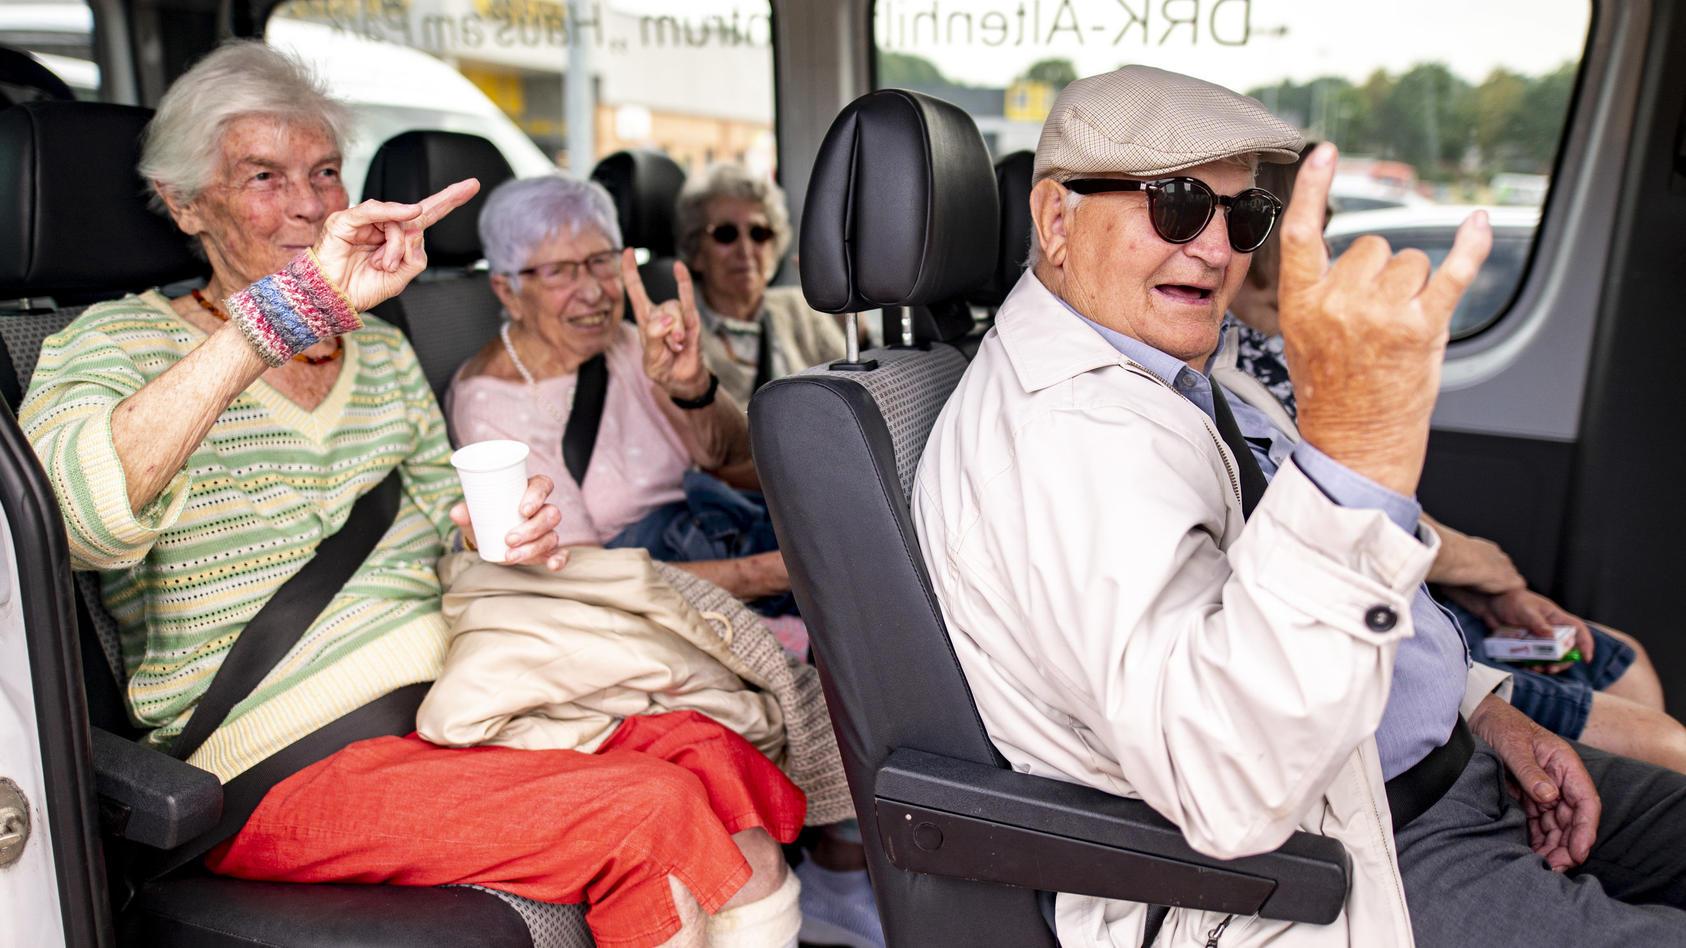 Auftakt Wacken-Festival: Auch die Seniorengruppe aus Heide ist dabei.